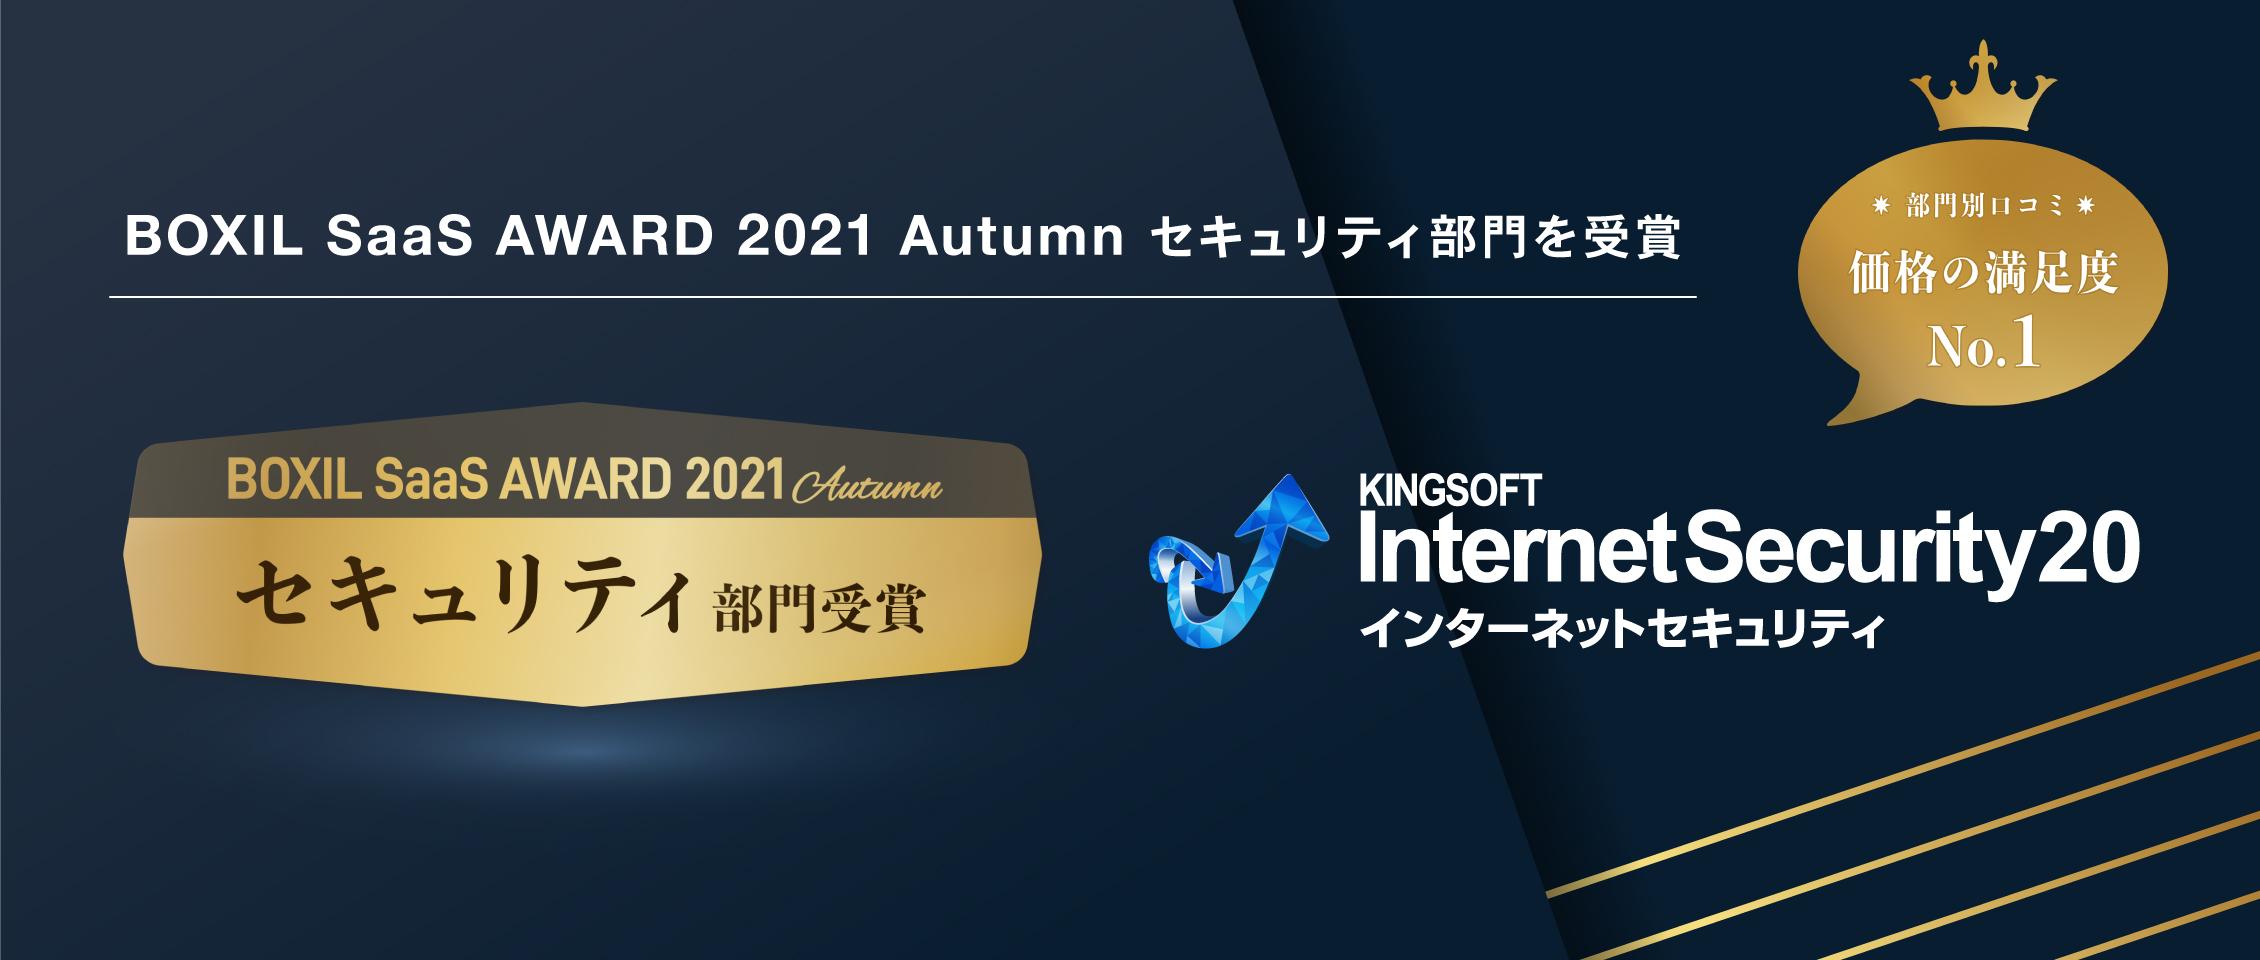 キングソフト、「BOXIL SaaS AWARD 2021 Autumn」にて「セキュリティ部門」を受賞